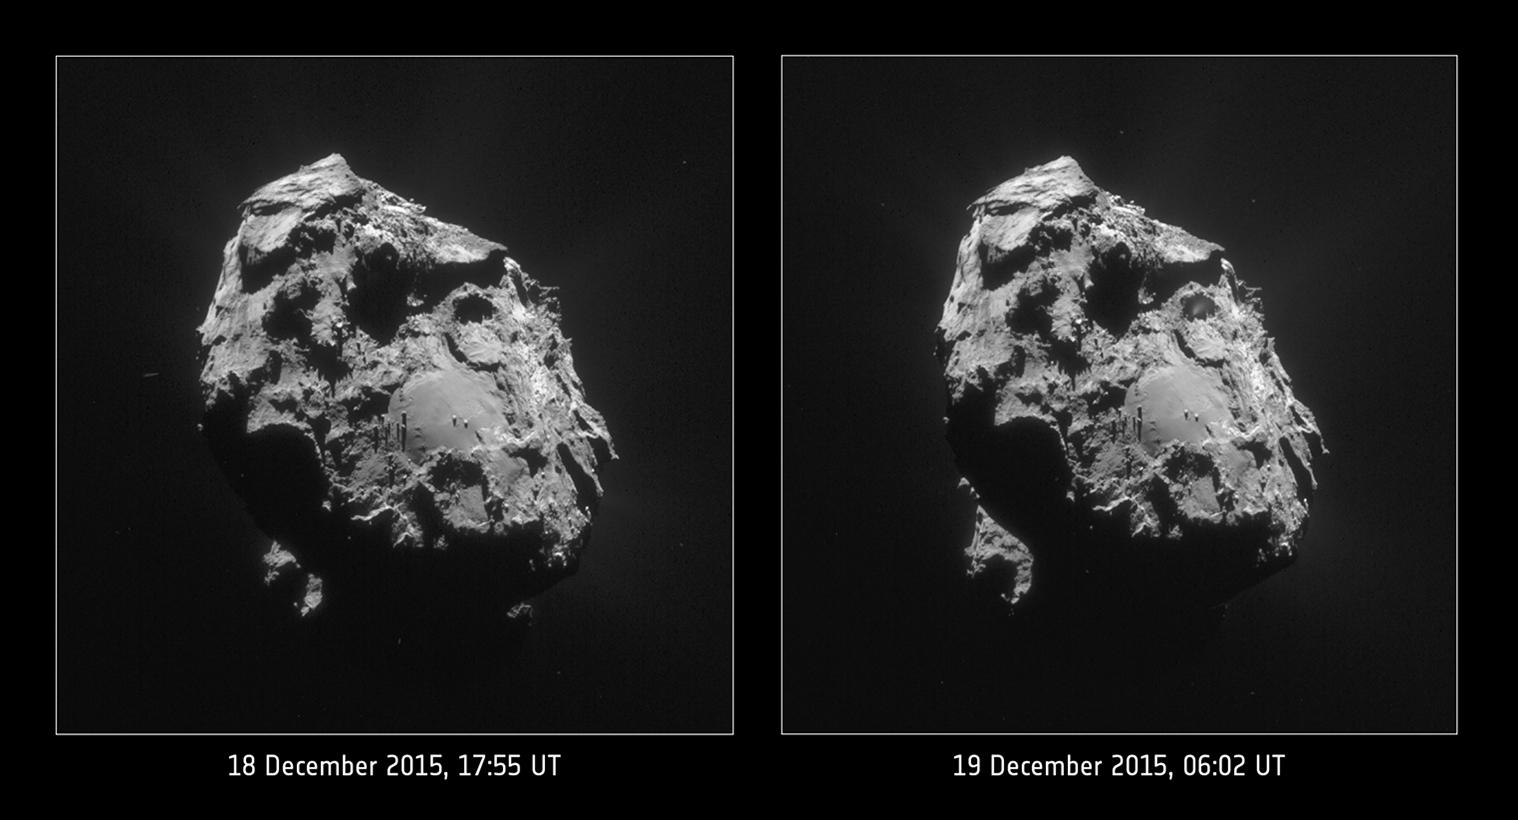 ESA_Rosetta_NavCam_20151218_19_Composite